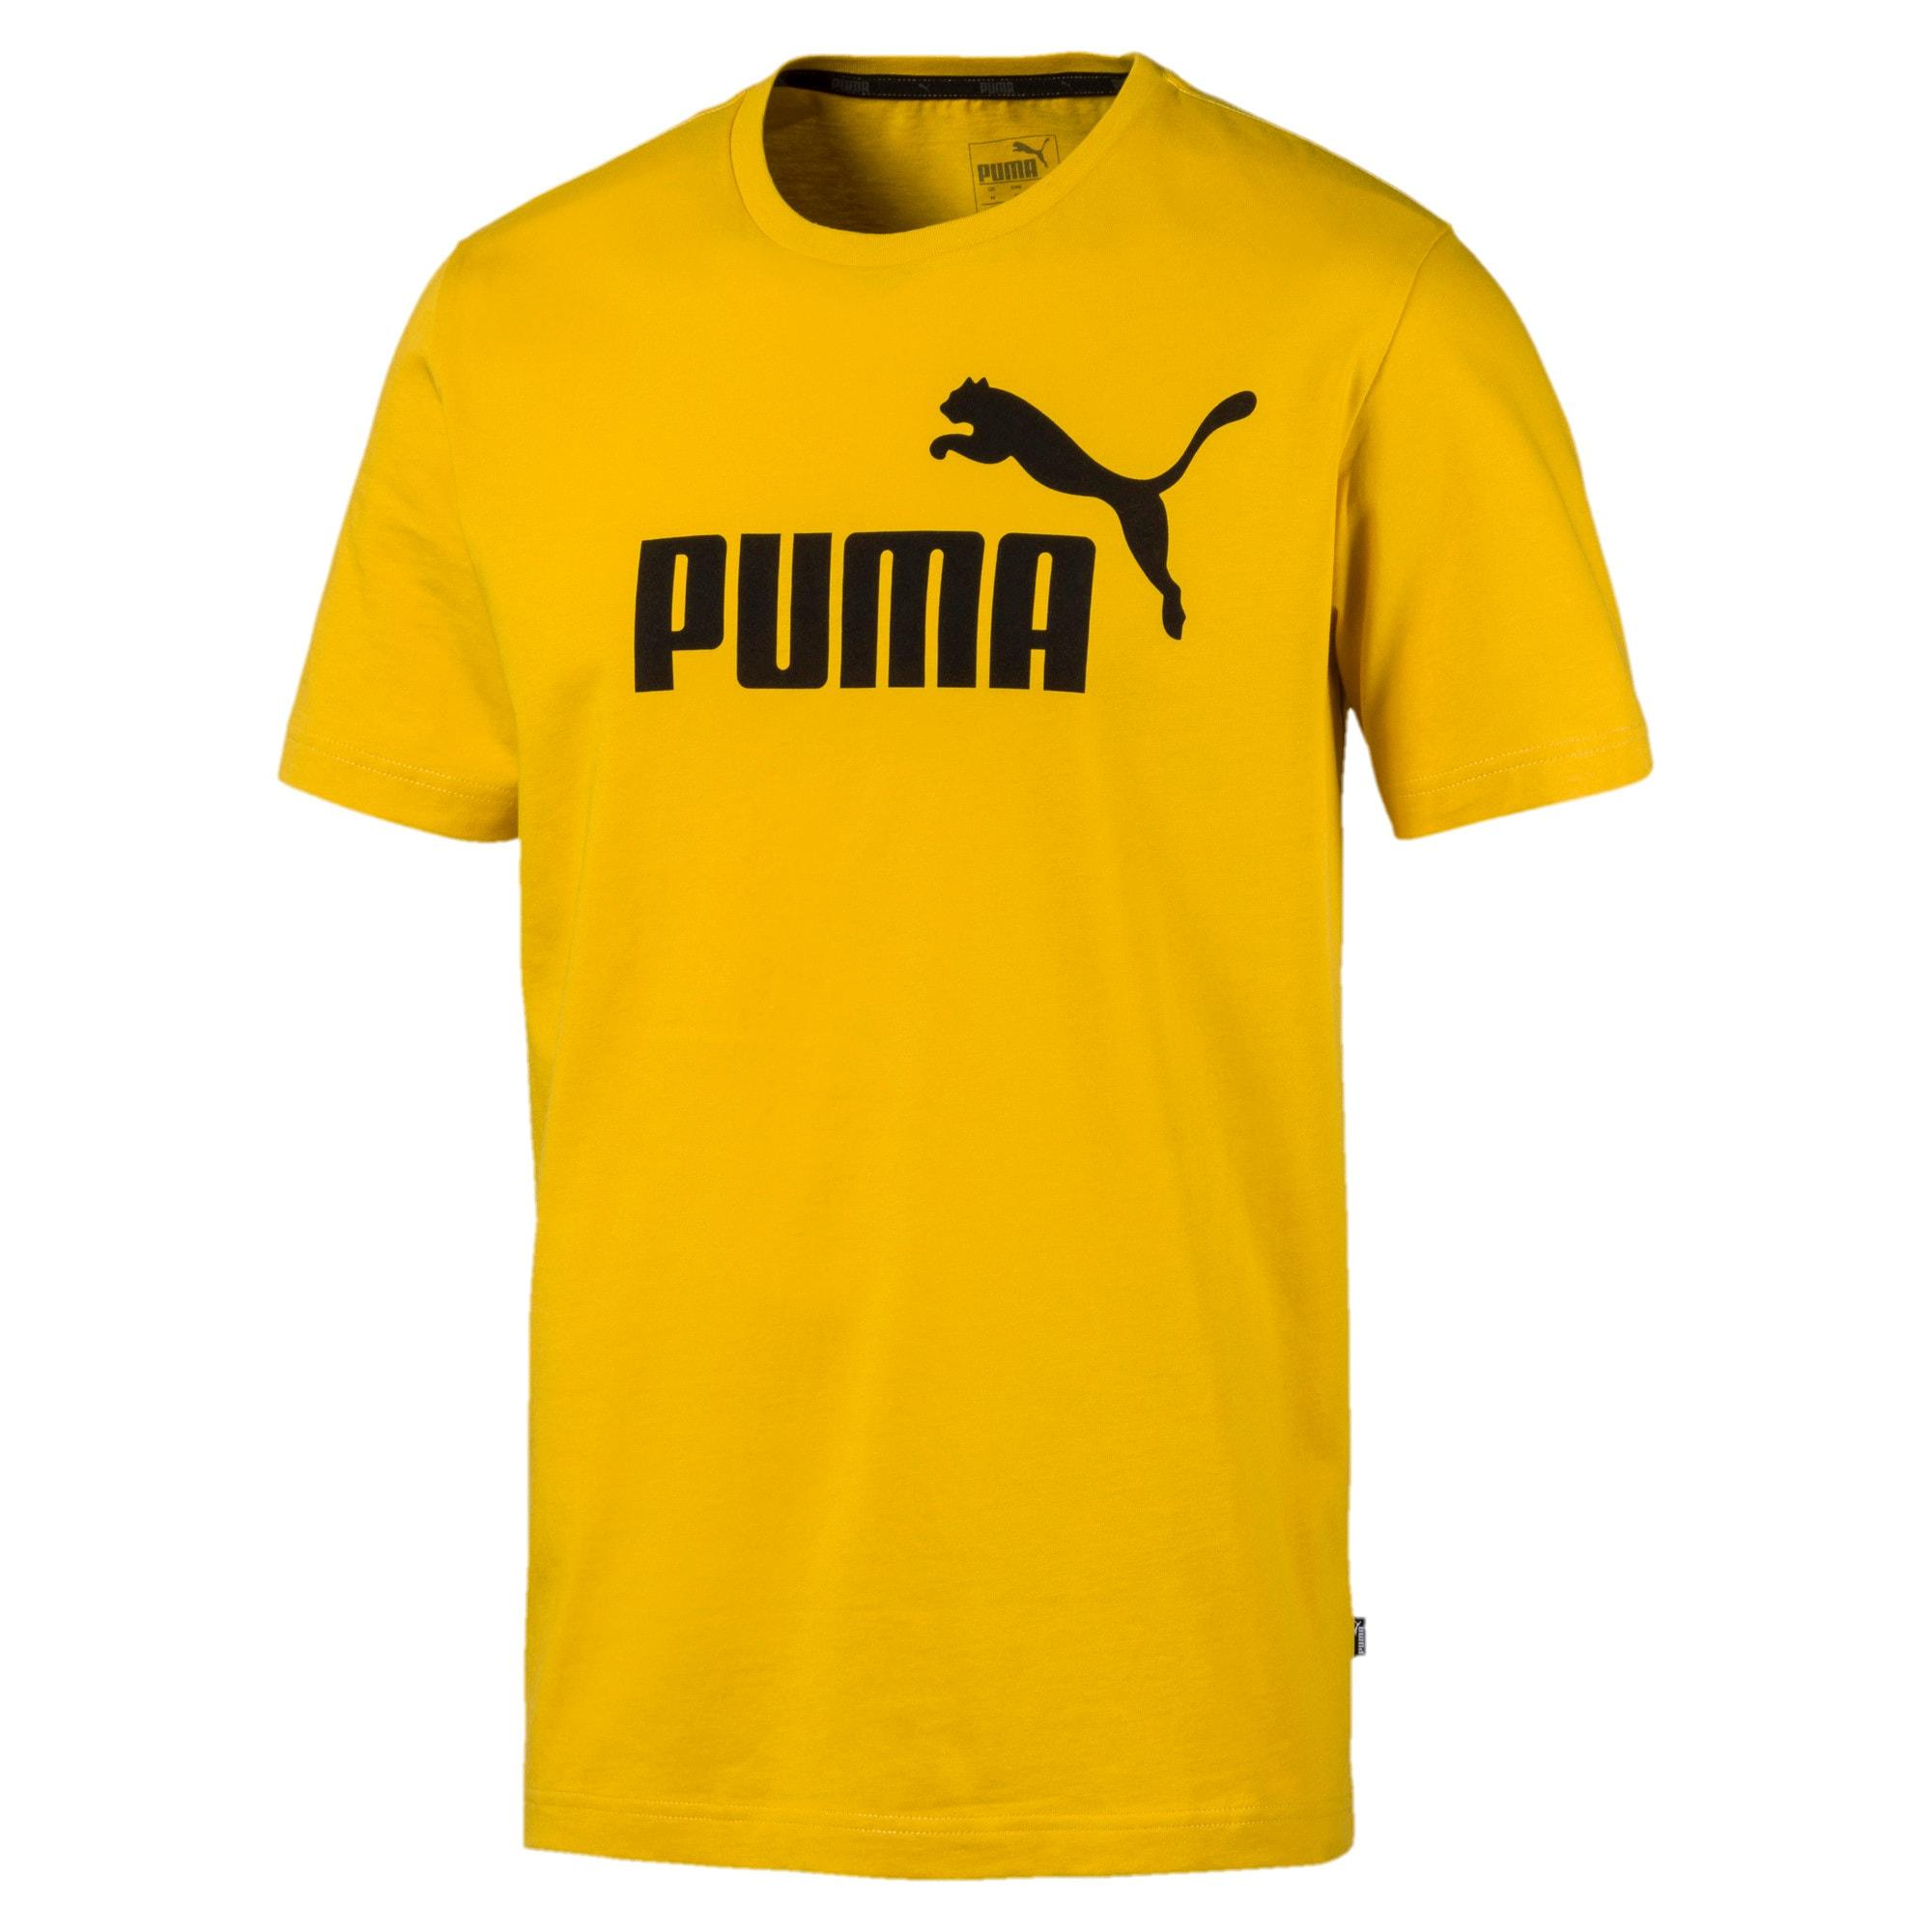 Thumbnail 4 of T-shirt Essentials uomo, Sulphur, medium